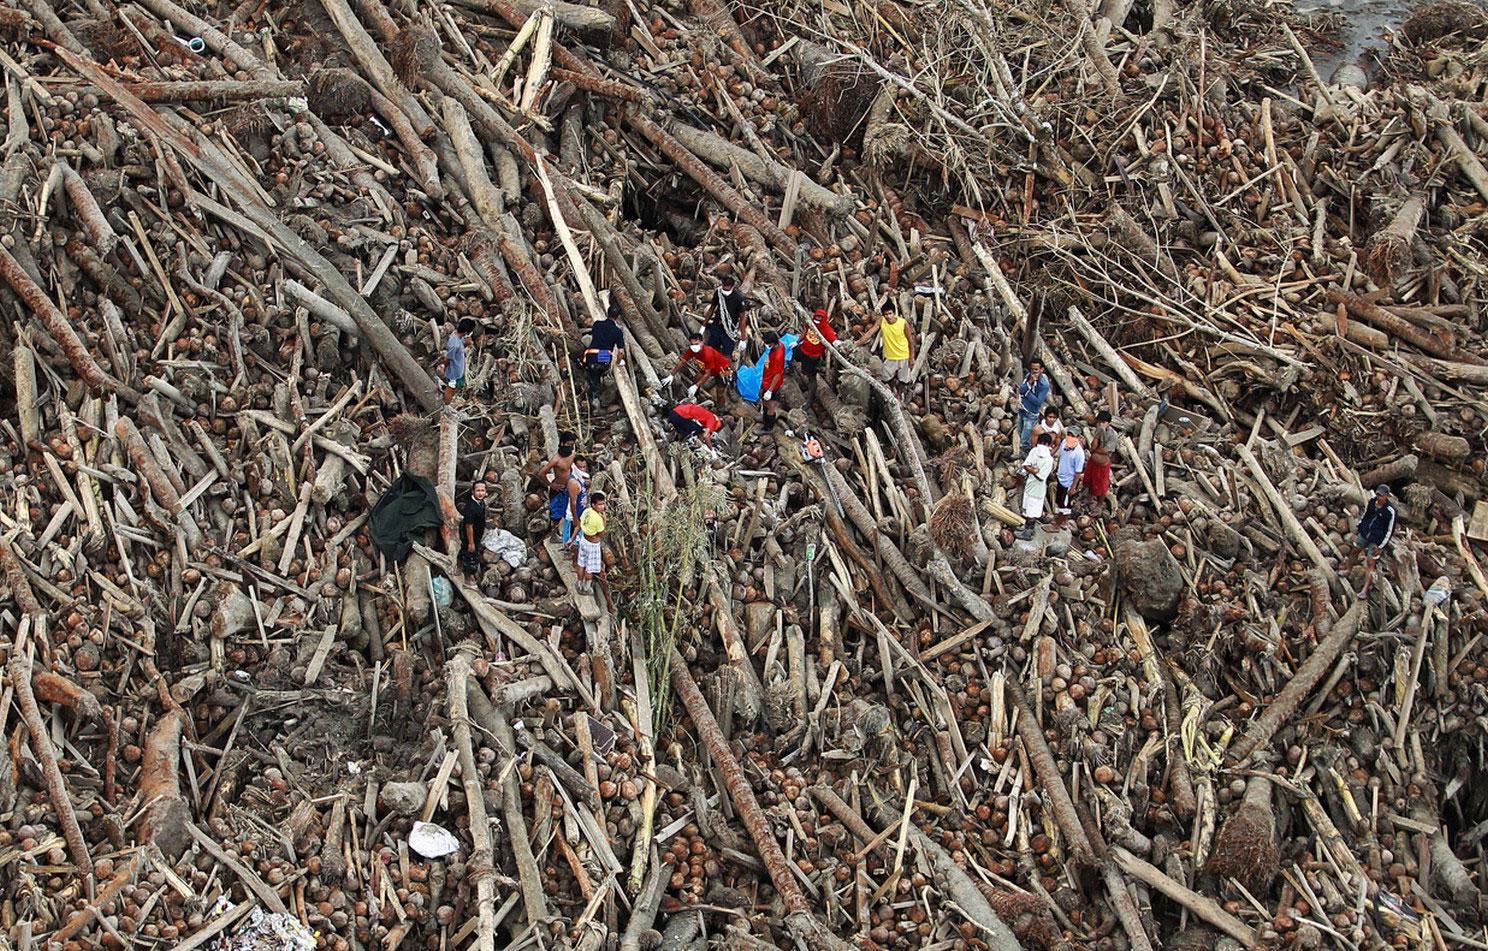 погибшие сельхозугодья Филиппин, фото